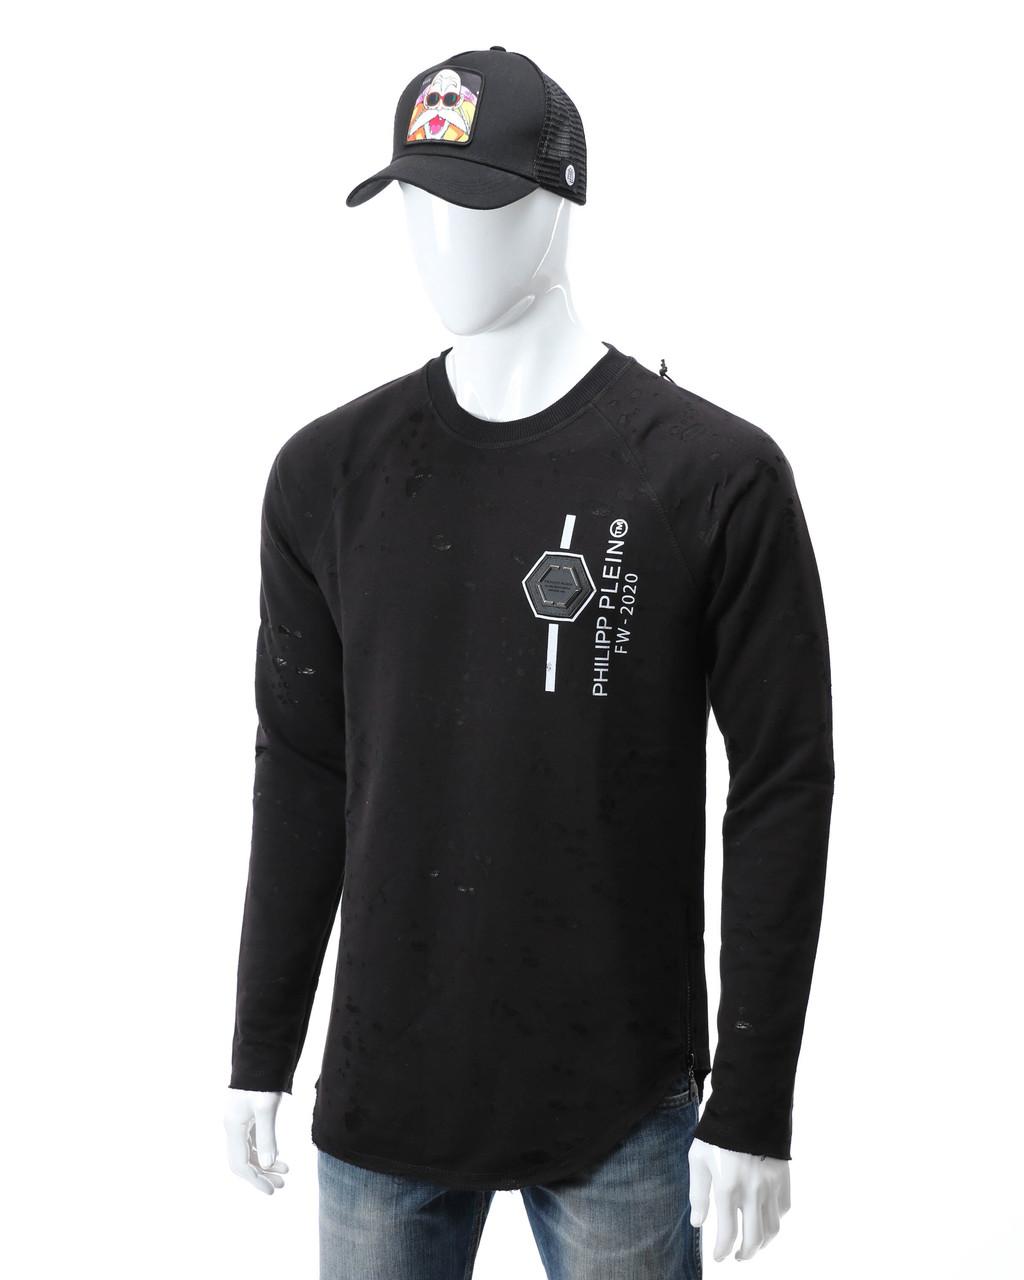 Свитшот черный PHILIPP PLEIN патч #2 Р-2 BLK S(Р) 20-512-212-004